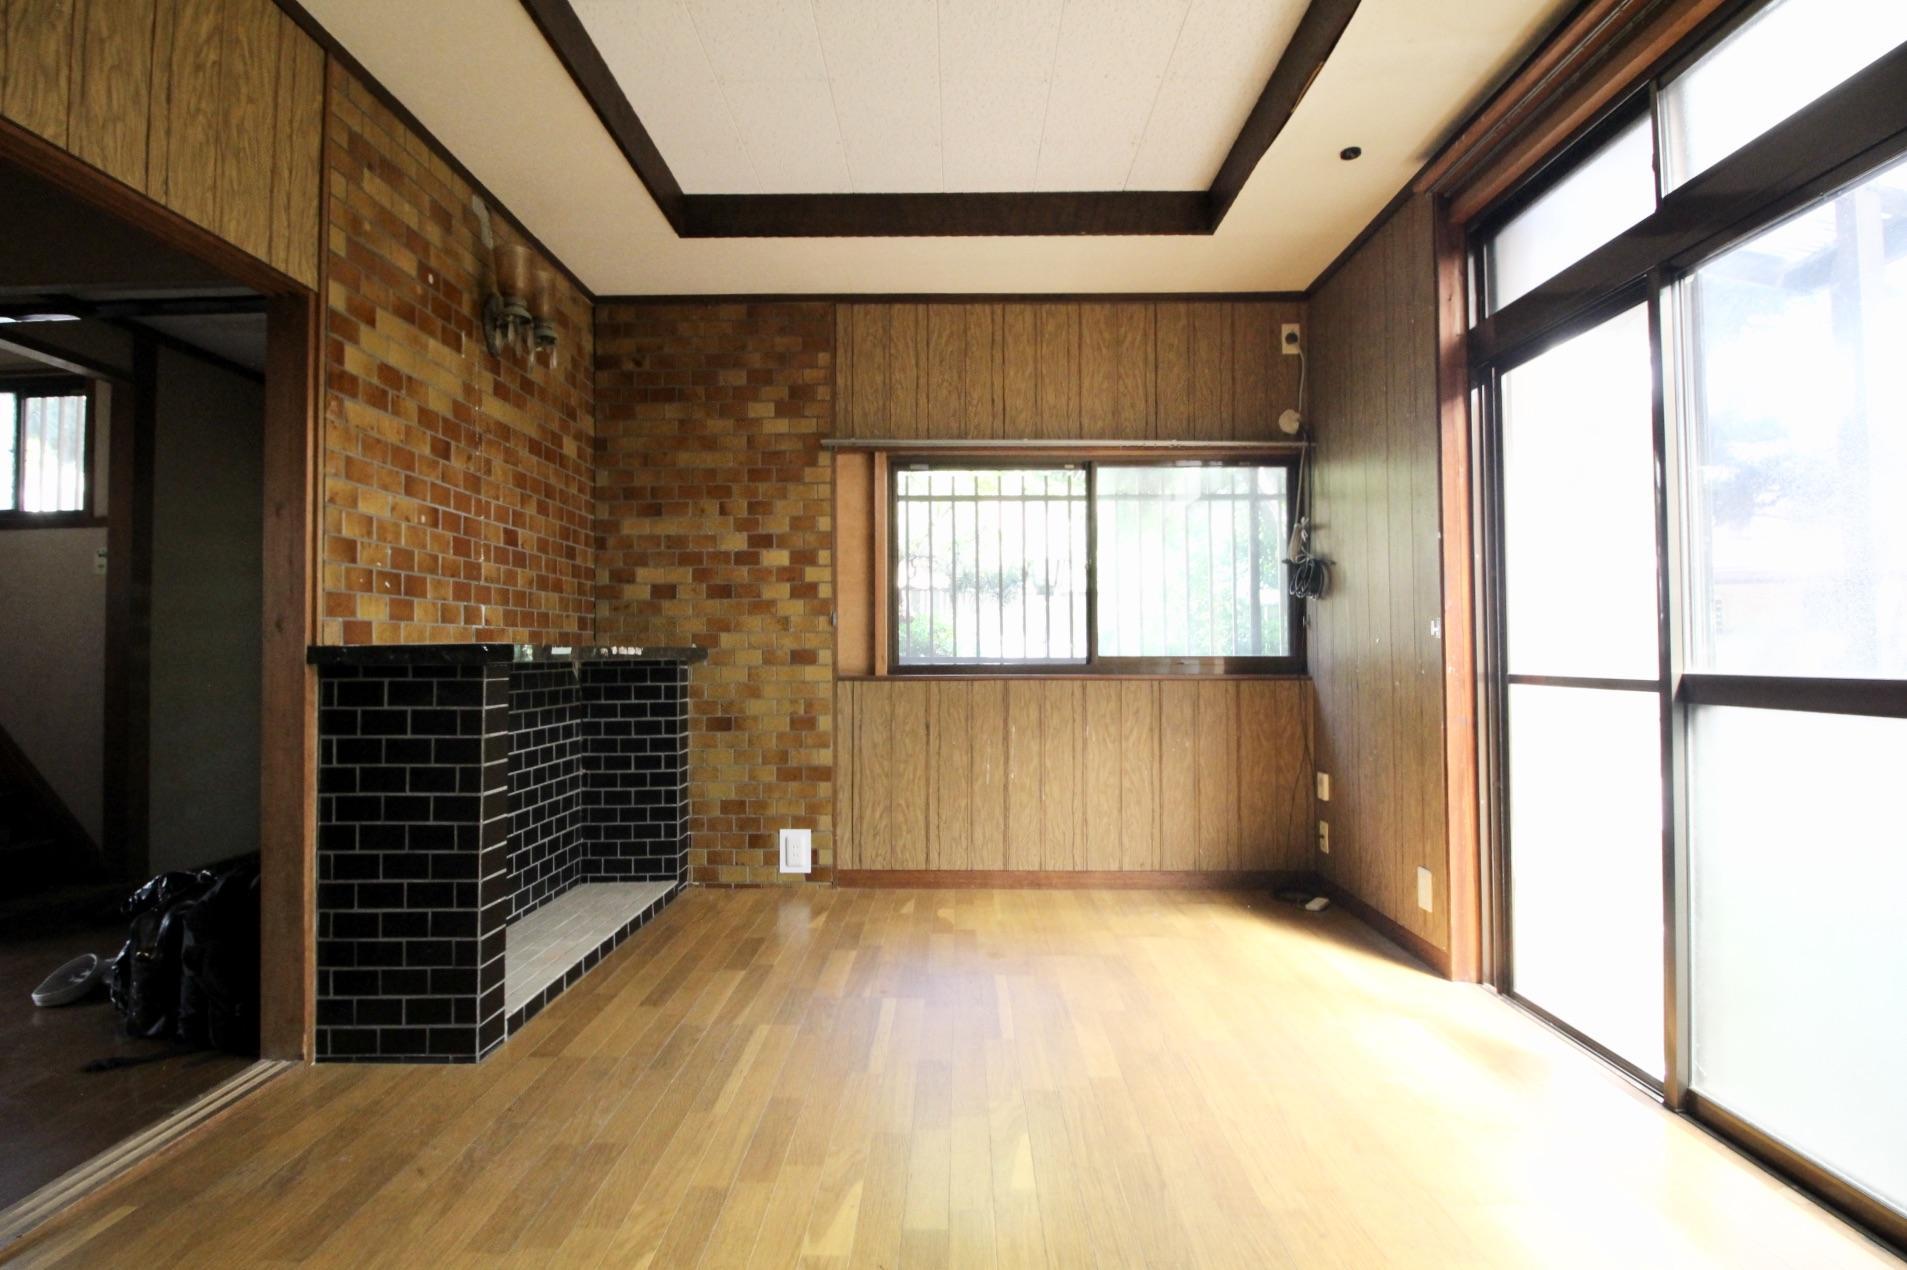 暖炉風の装飾や折上天井の凝った仕様の1階洋室